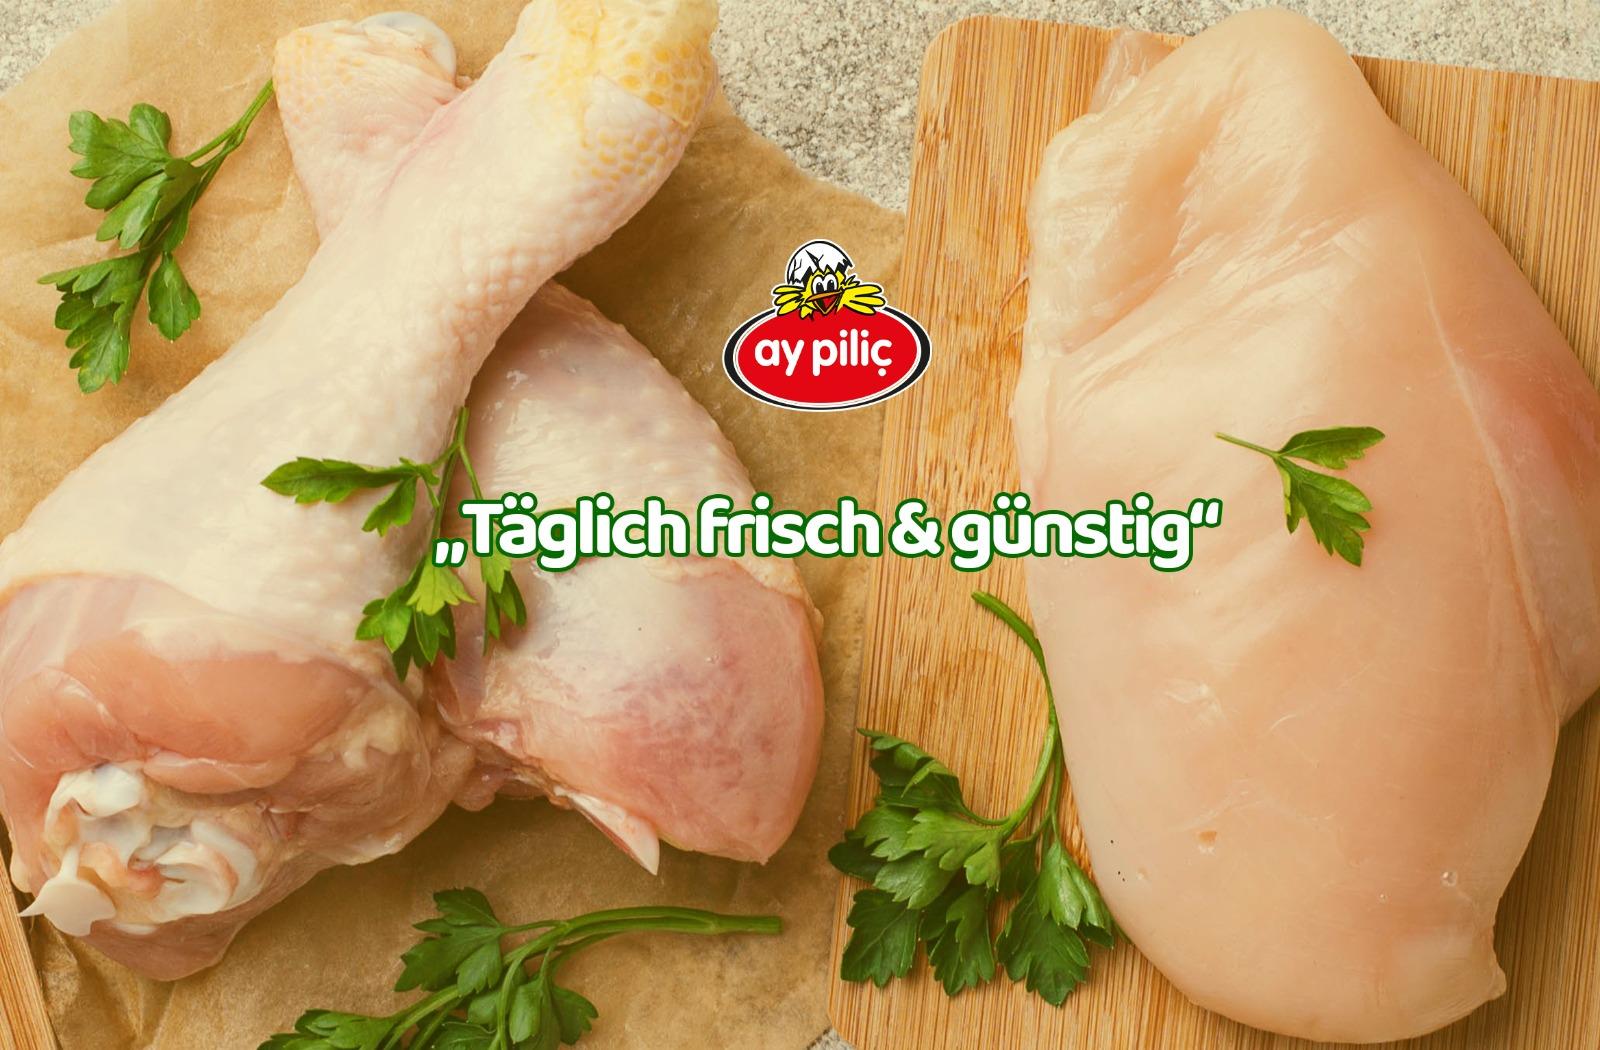 Aypilic Frisch